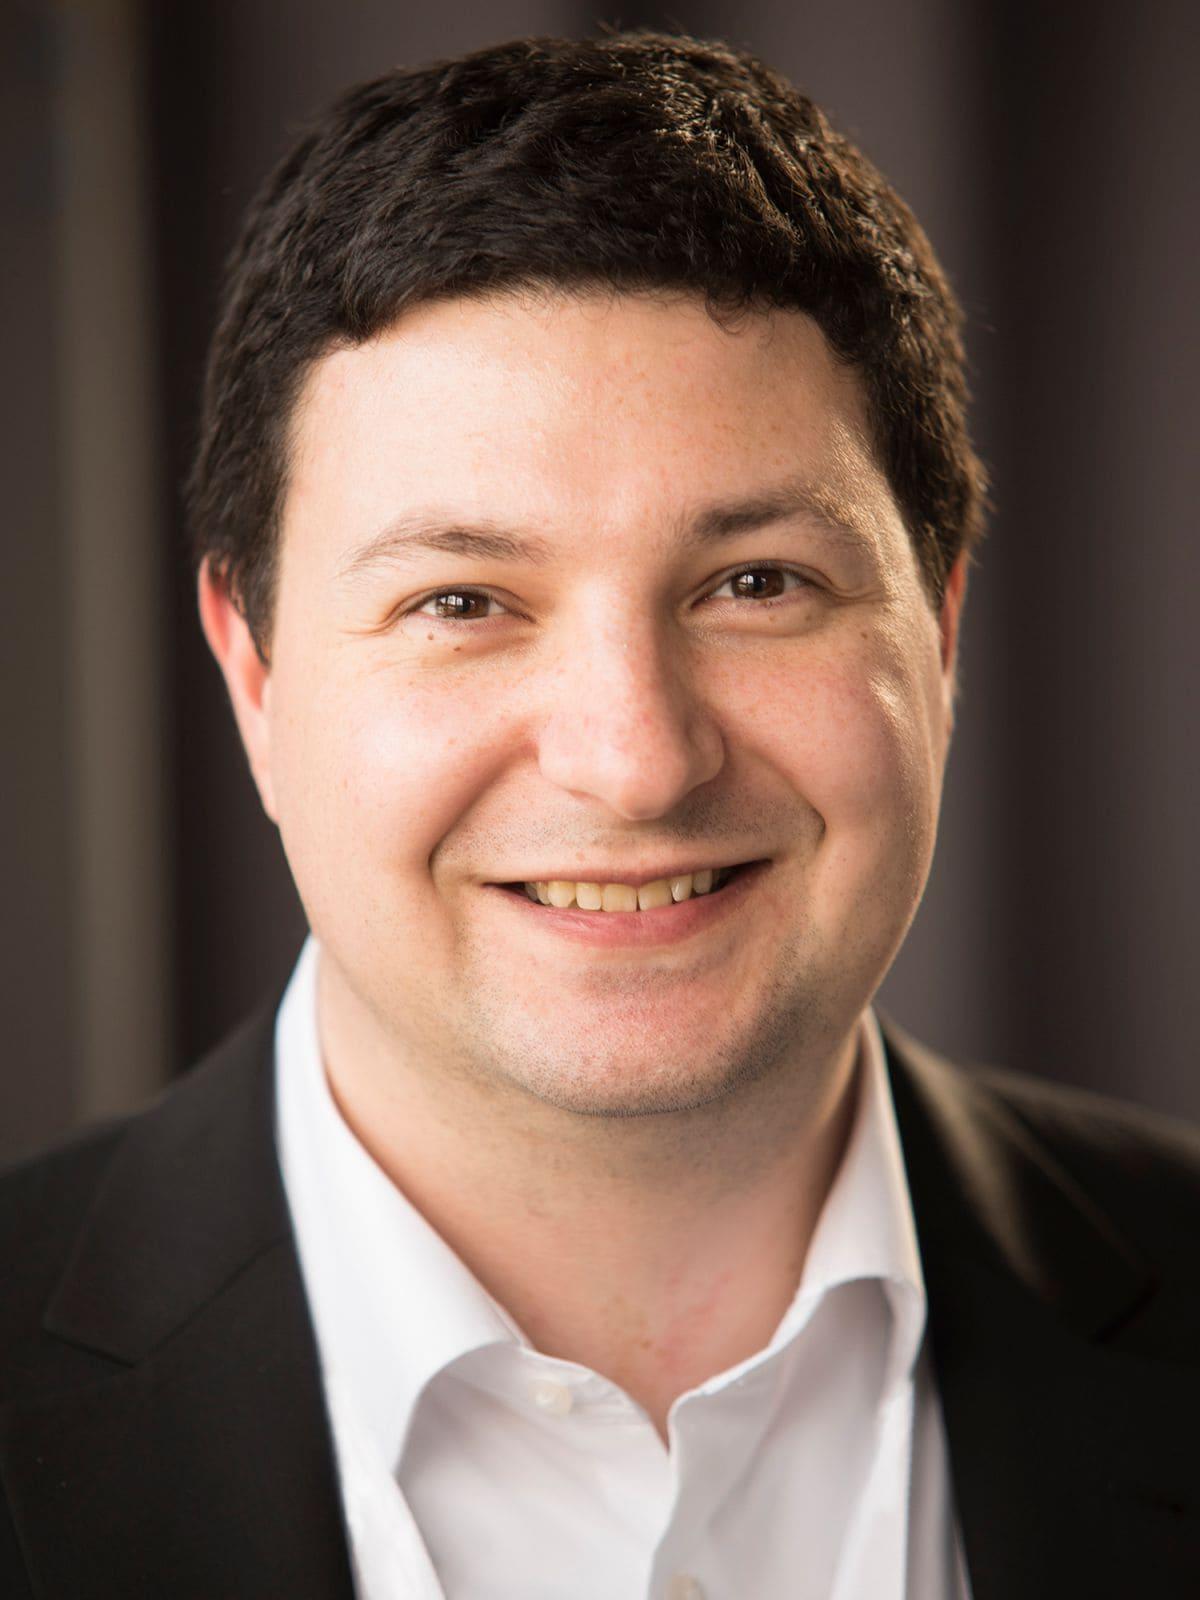 Stefan Lesting ist Experte für das Thema Digitalisierung